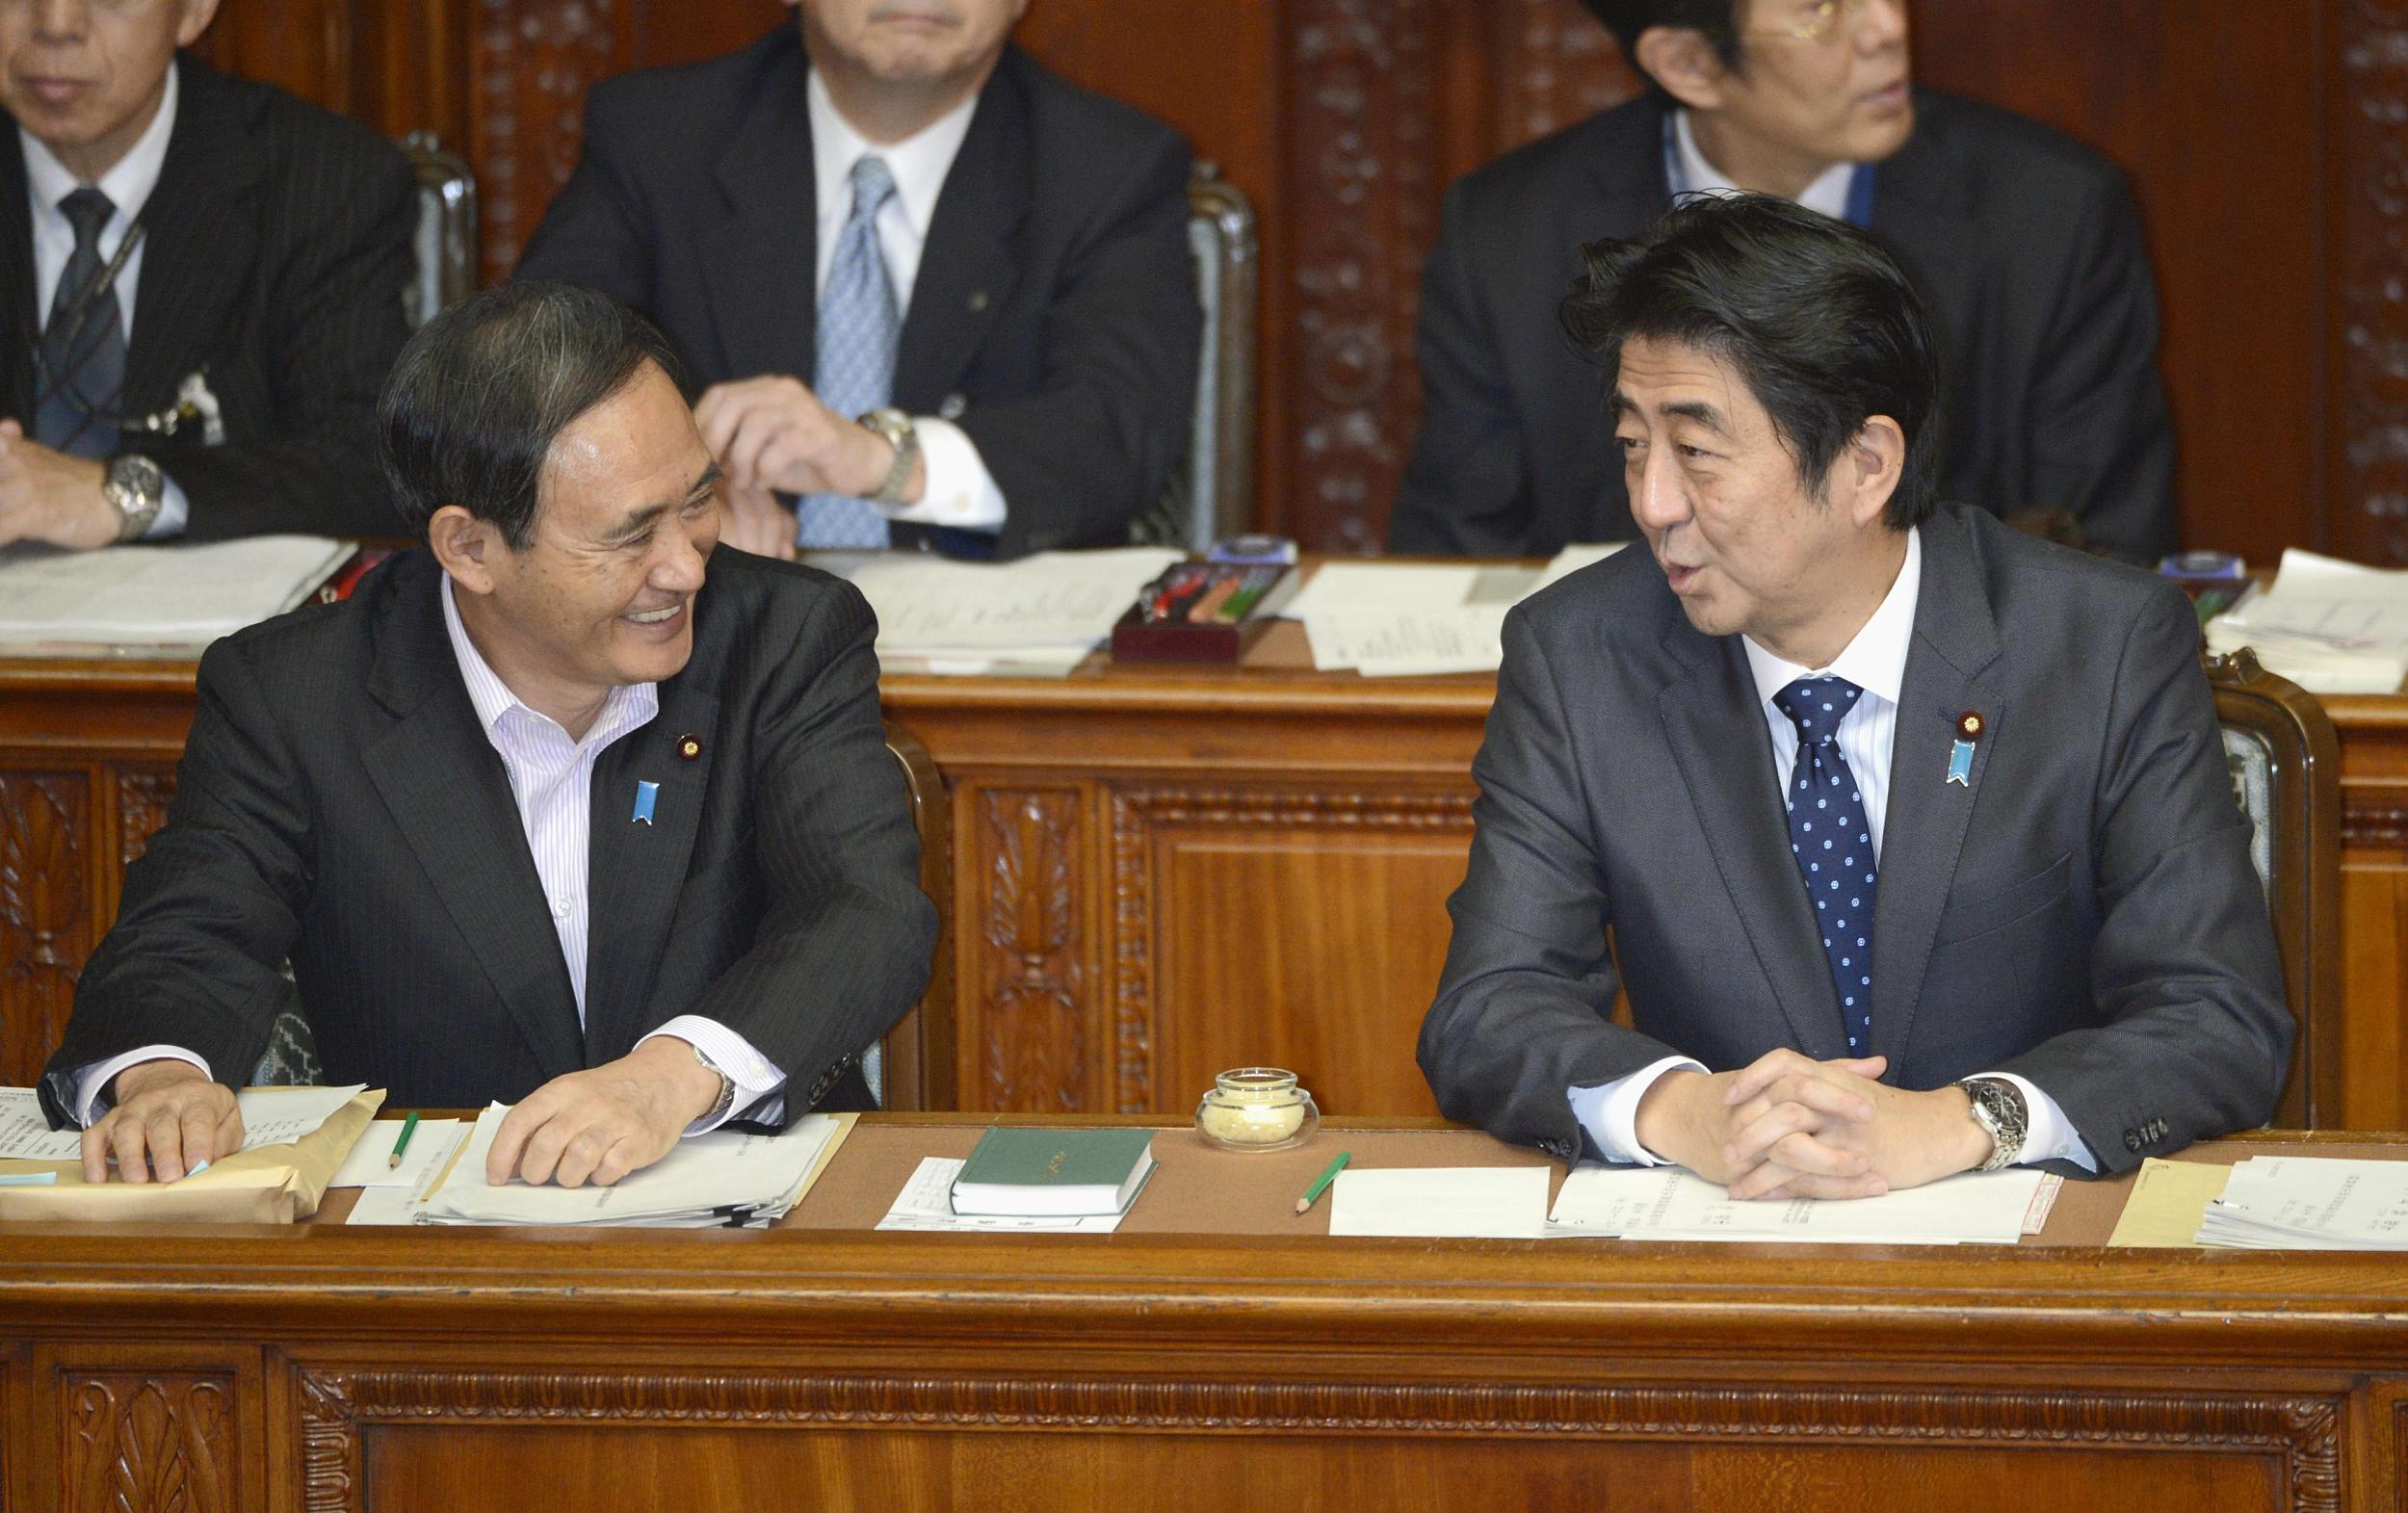 当地时间2013年11月,日本东京,日本内阁官房长官菅义伟(左)和日本首相安倍晋三。